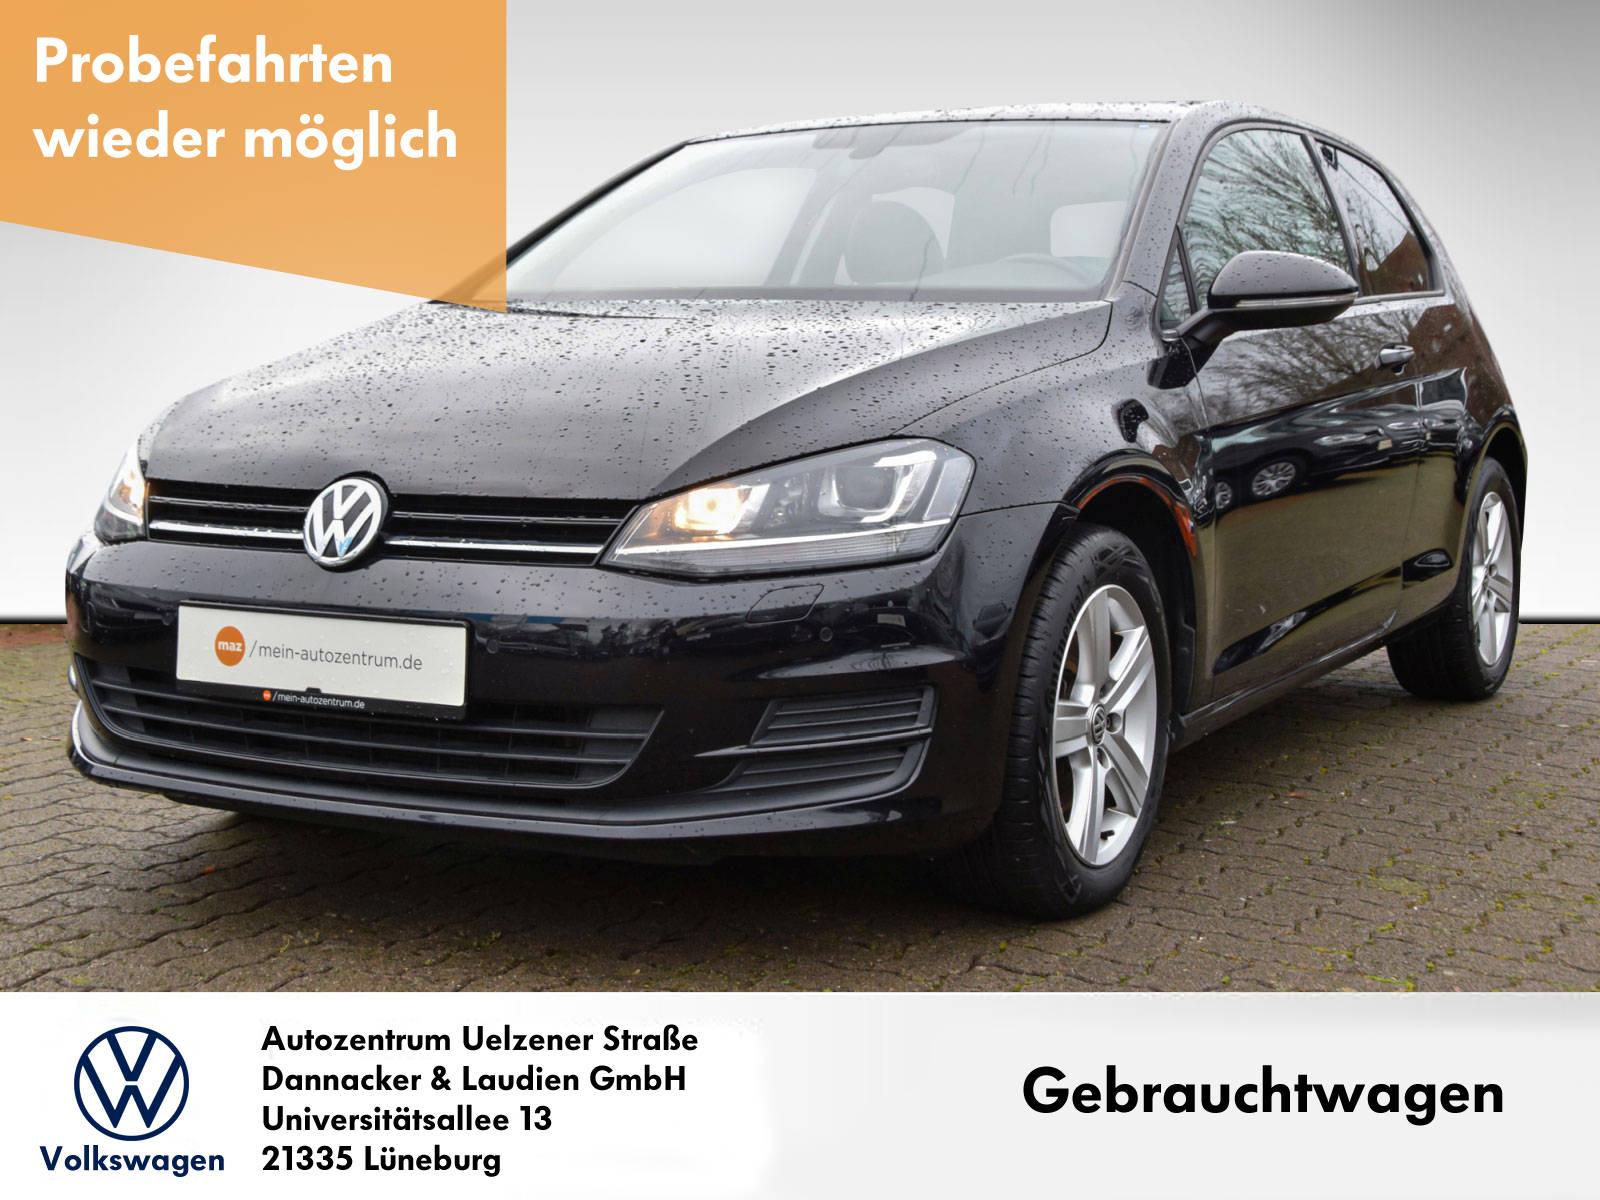 Volkswagen Golf VII 1.6 TDI Comfortline BMT Alu Bi-Xenon Navi Klima Standh. Sitzh., Jahr 2016, Diesel